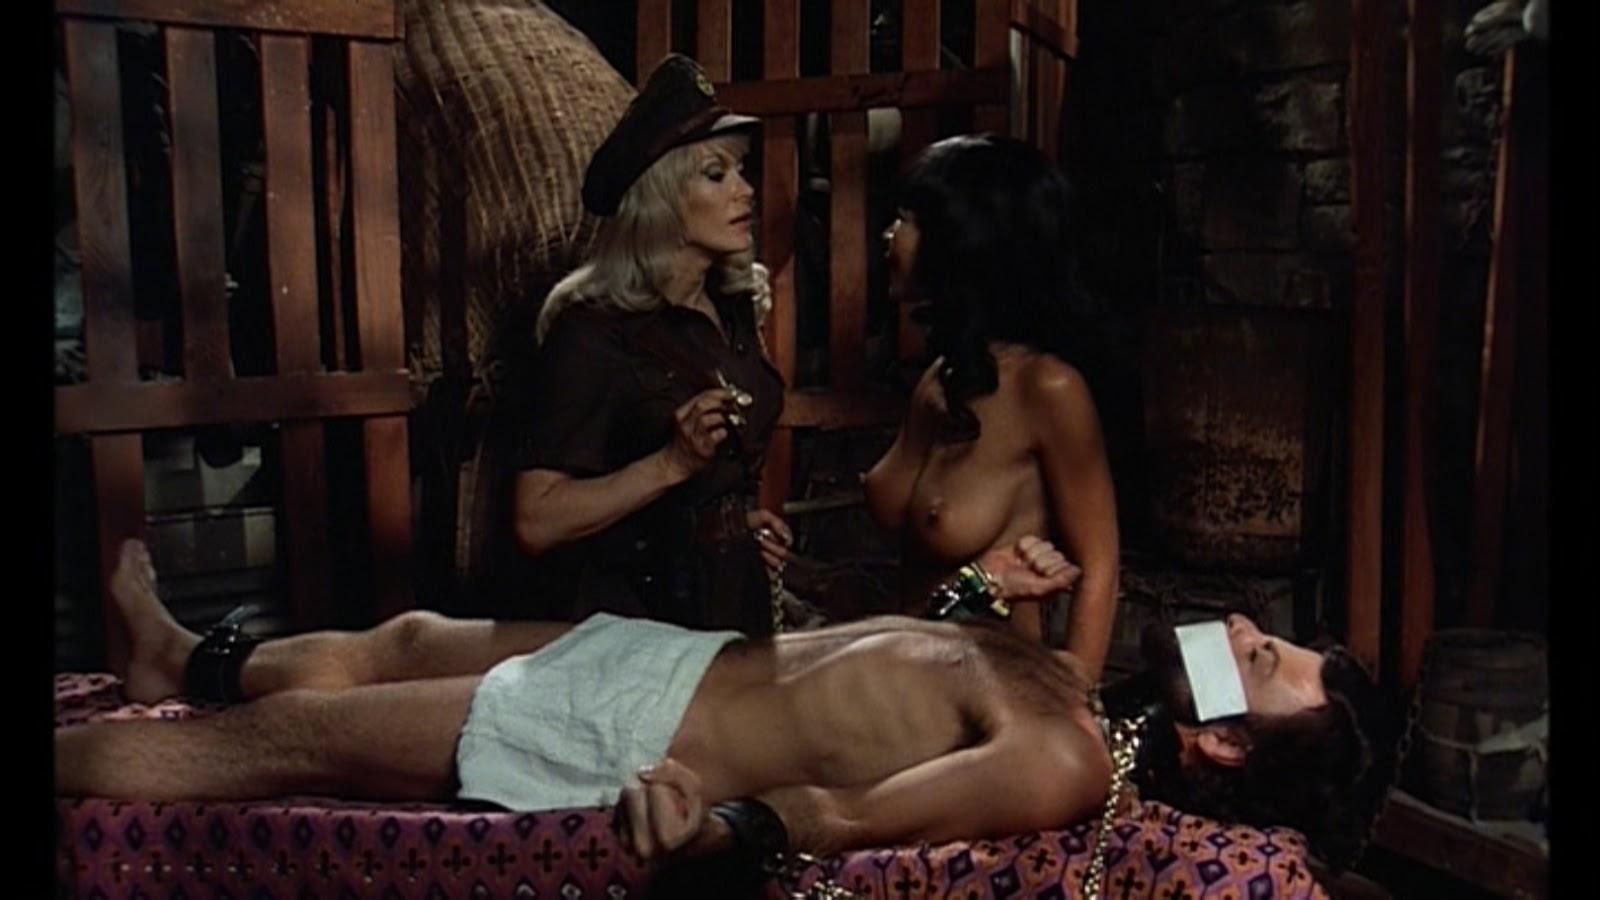 порно клуб эро фильмы из латинской америки сестра два брата